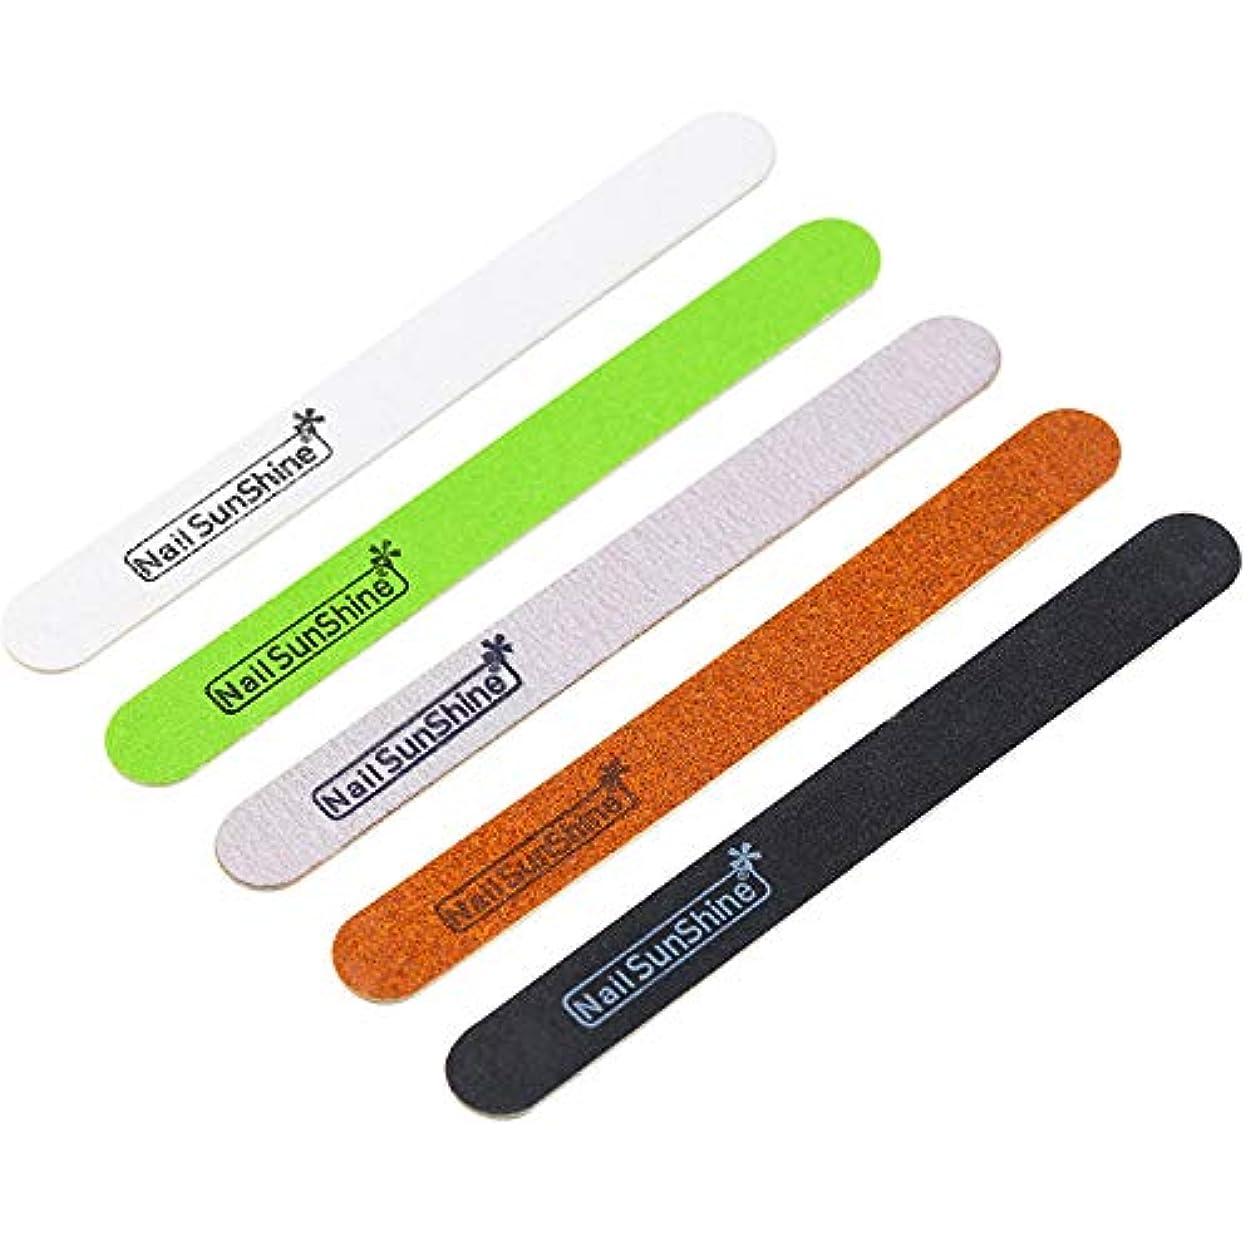 ランチョン開梱曲げるLWBTOSEE ネイルファイル 爪やすり 両面使える ネイル磨き ネイル整形 エメリーボード 5本セット 耐久 軽量 木製